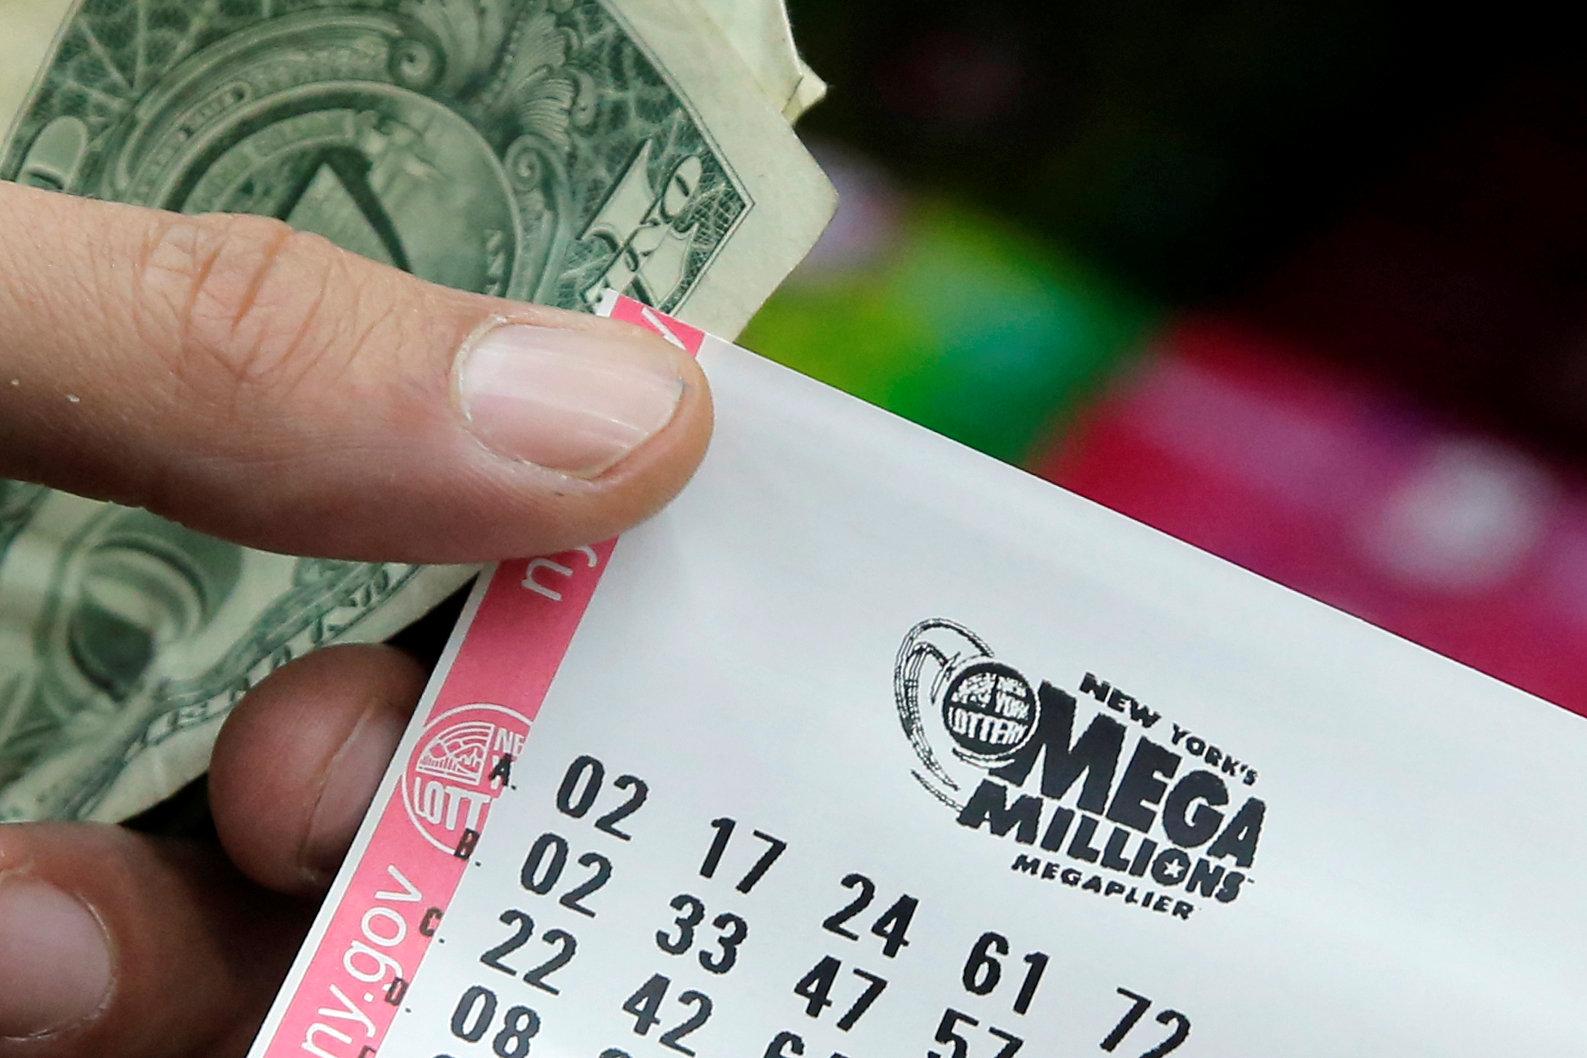 Mega Millions winning numbers tonight for $667 million